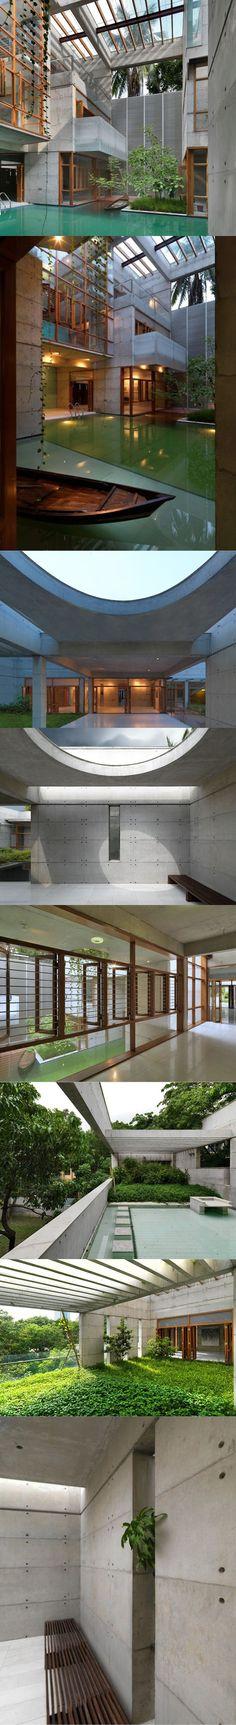 2010 Shatotto - SA Residence / Dhaka Bangladesh / Asia / wood concrete